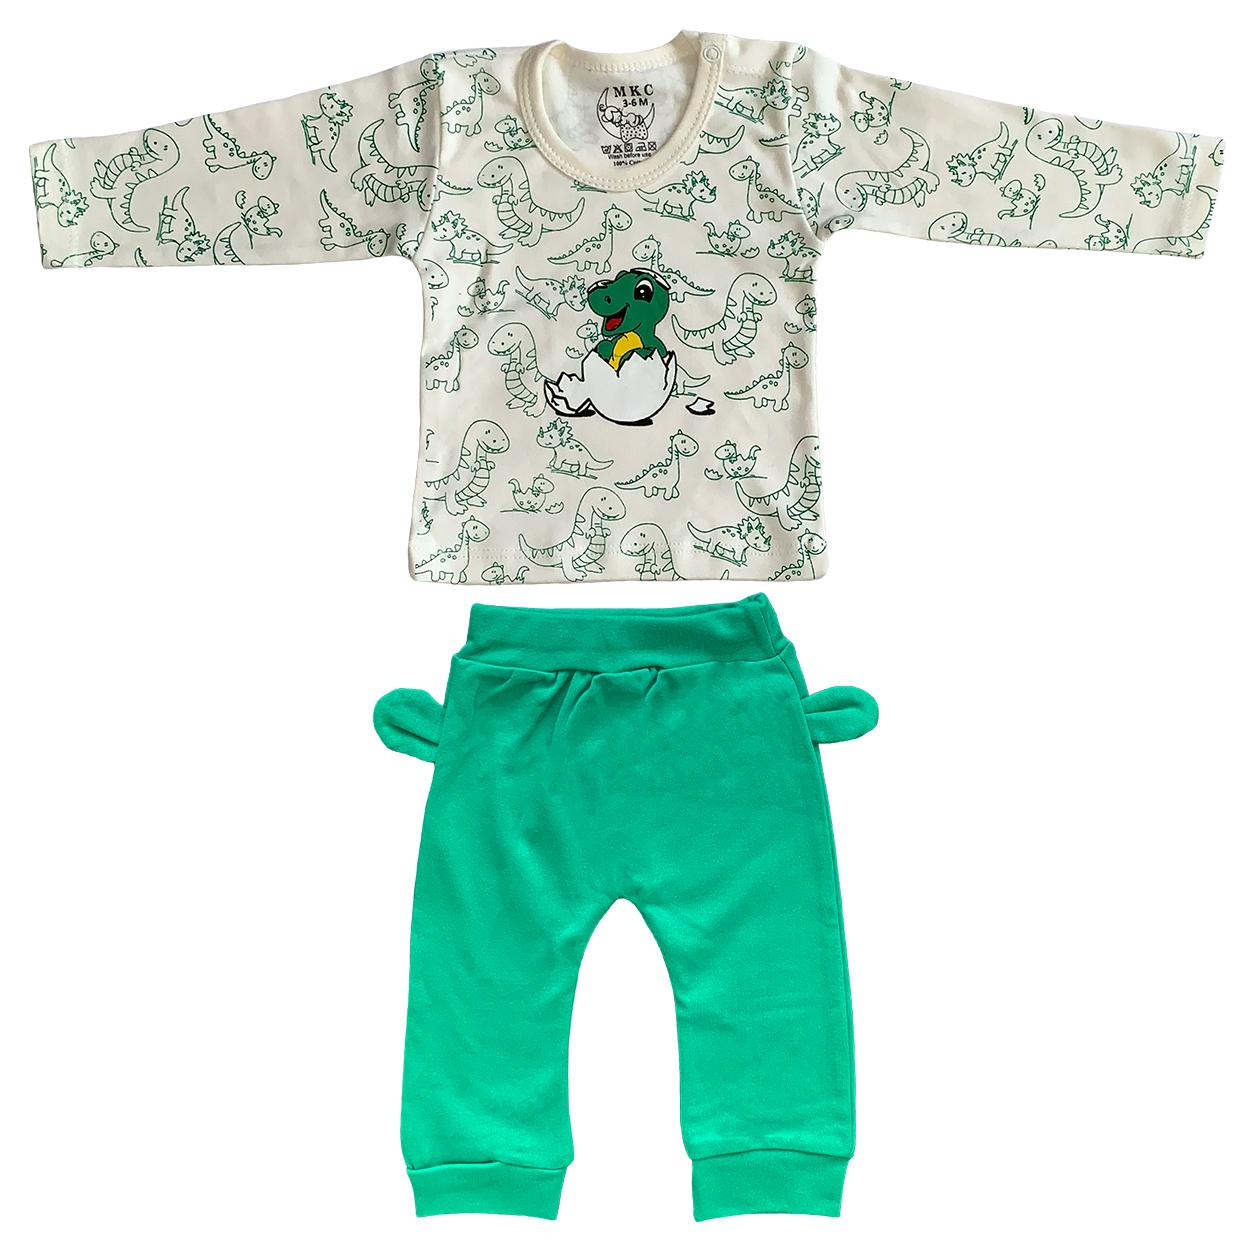 ست تی شرت و شلوار نوزادی طرح دایناسور کد FF-082 -  - 3